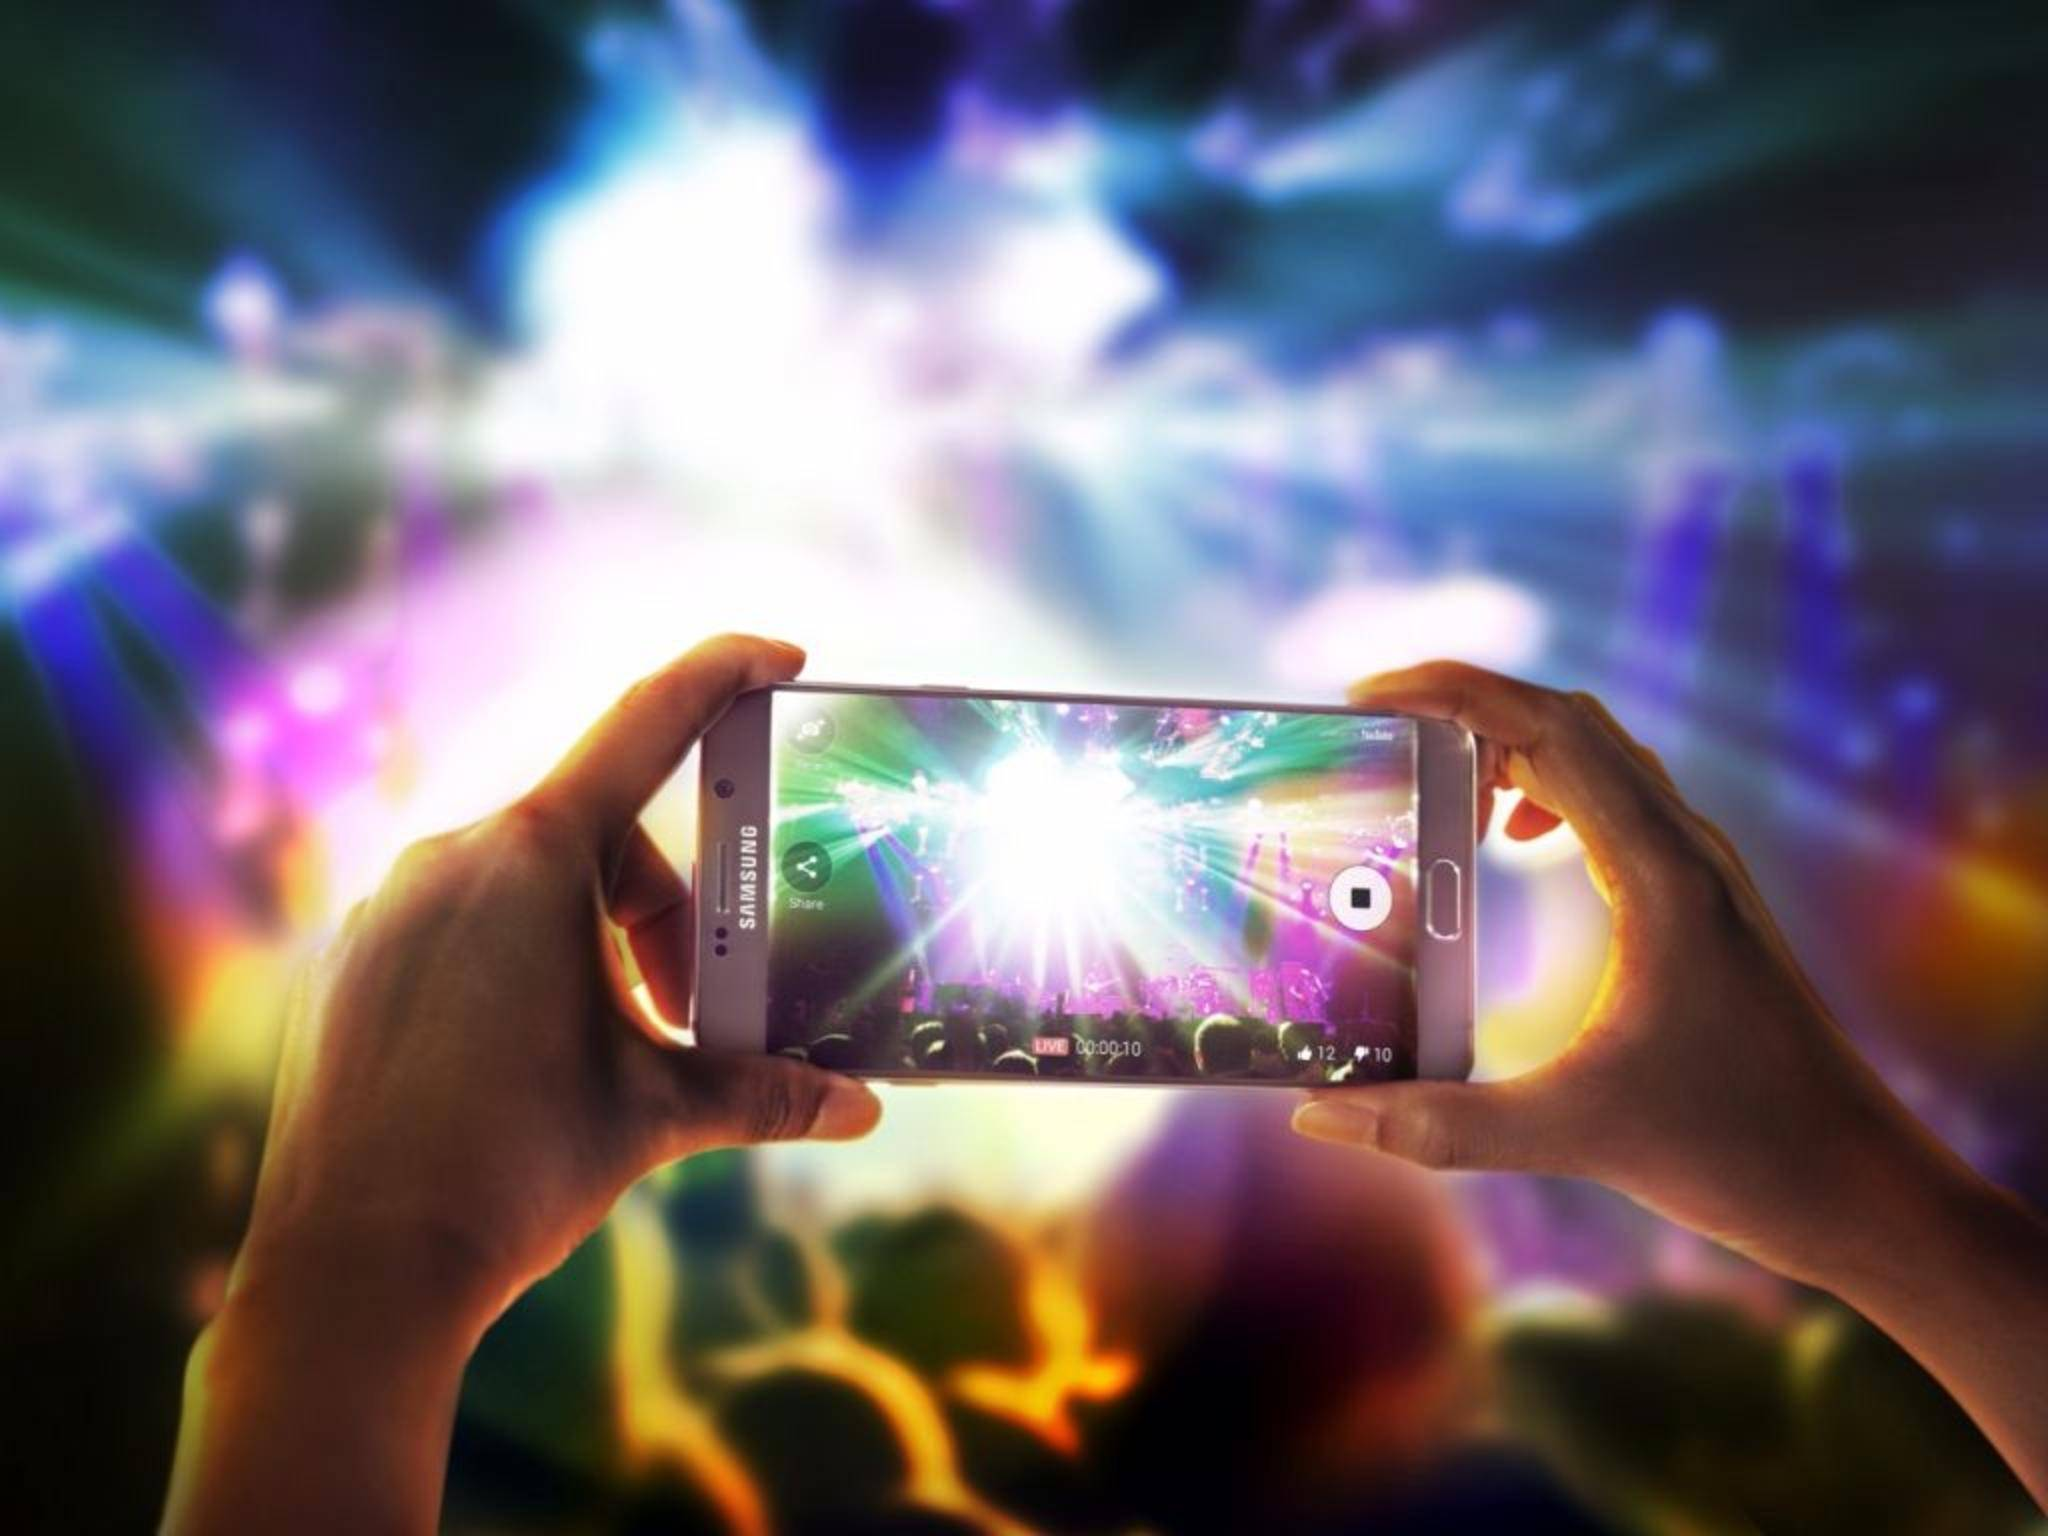 Mehr Megapixel machen noch kein besseres Bild: dieser und weitere Smartphone-Mythen im Faktencheck.